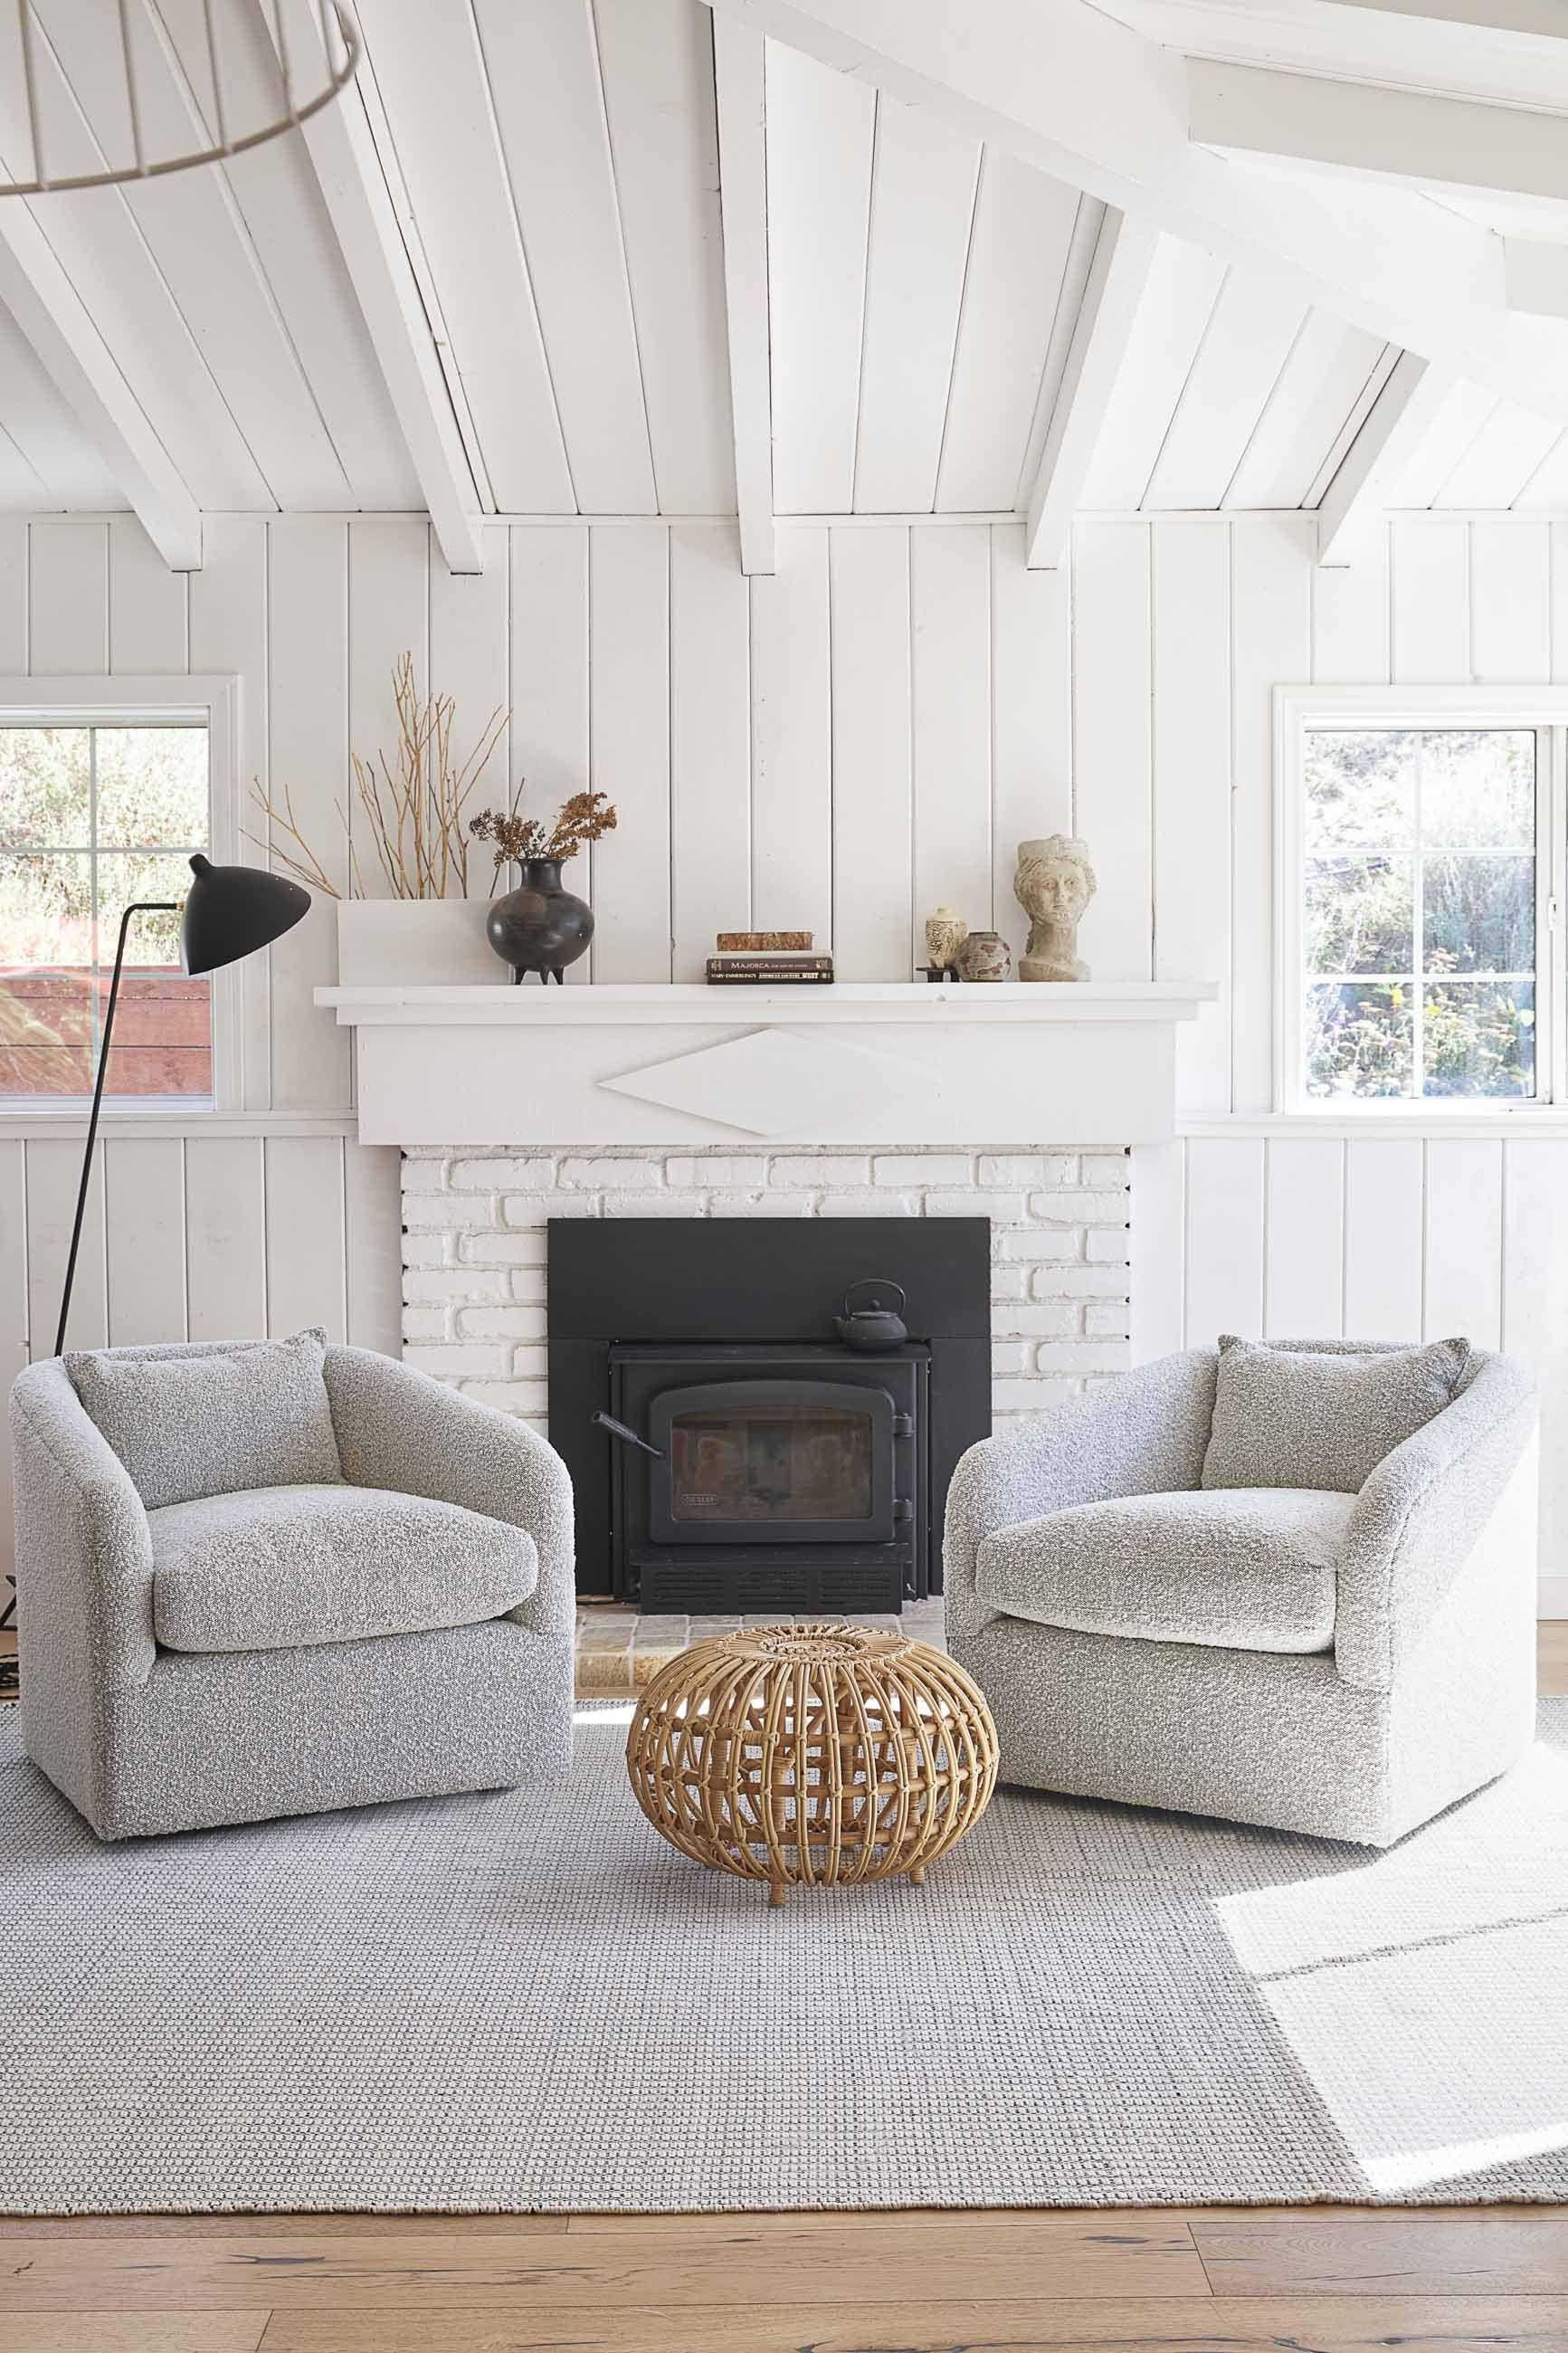 Isobelle Ottoman In 2020 Swivel Chair Living Room Round Rug Living Room Modern Swivel Chair #round #swivel #chairs #living #room